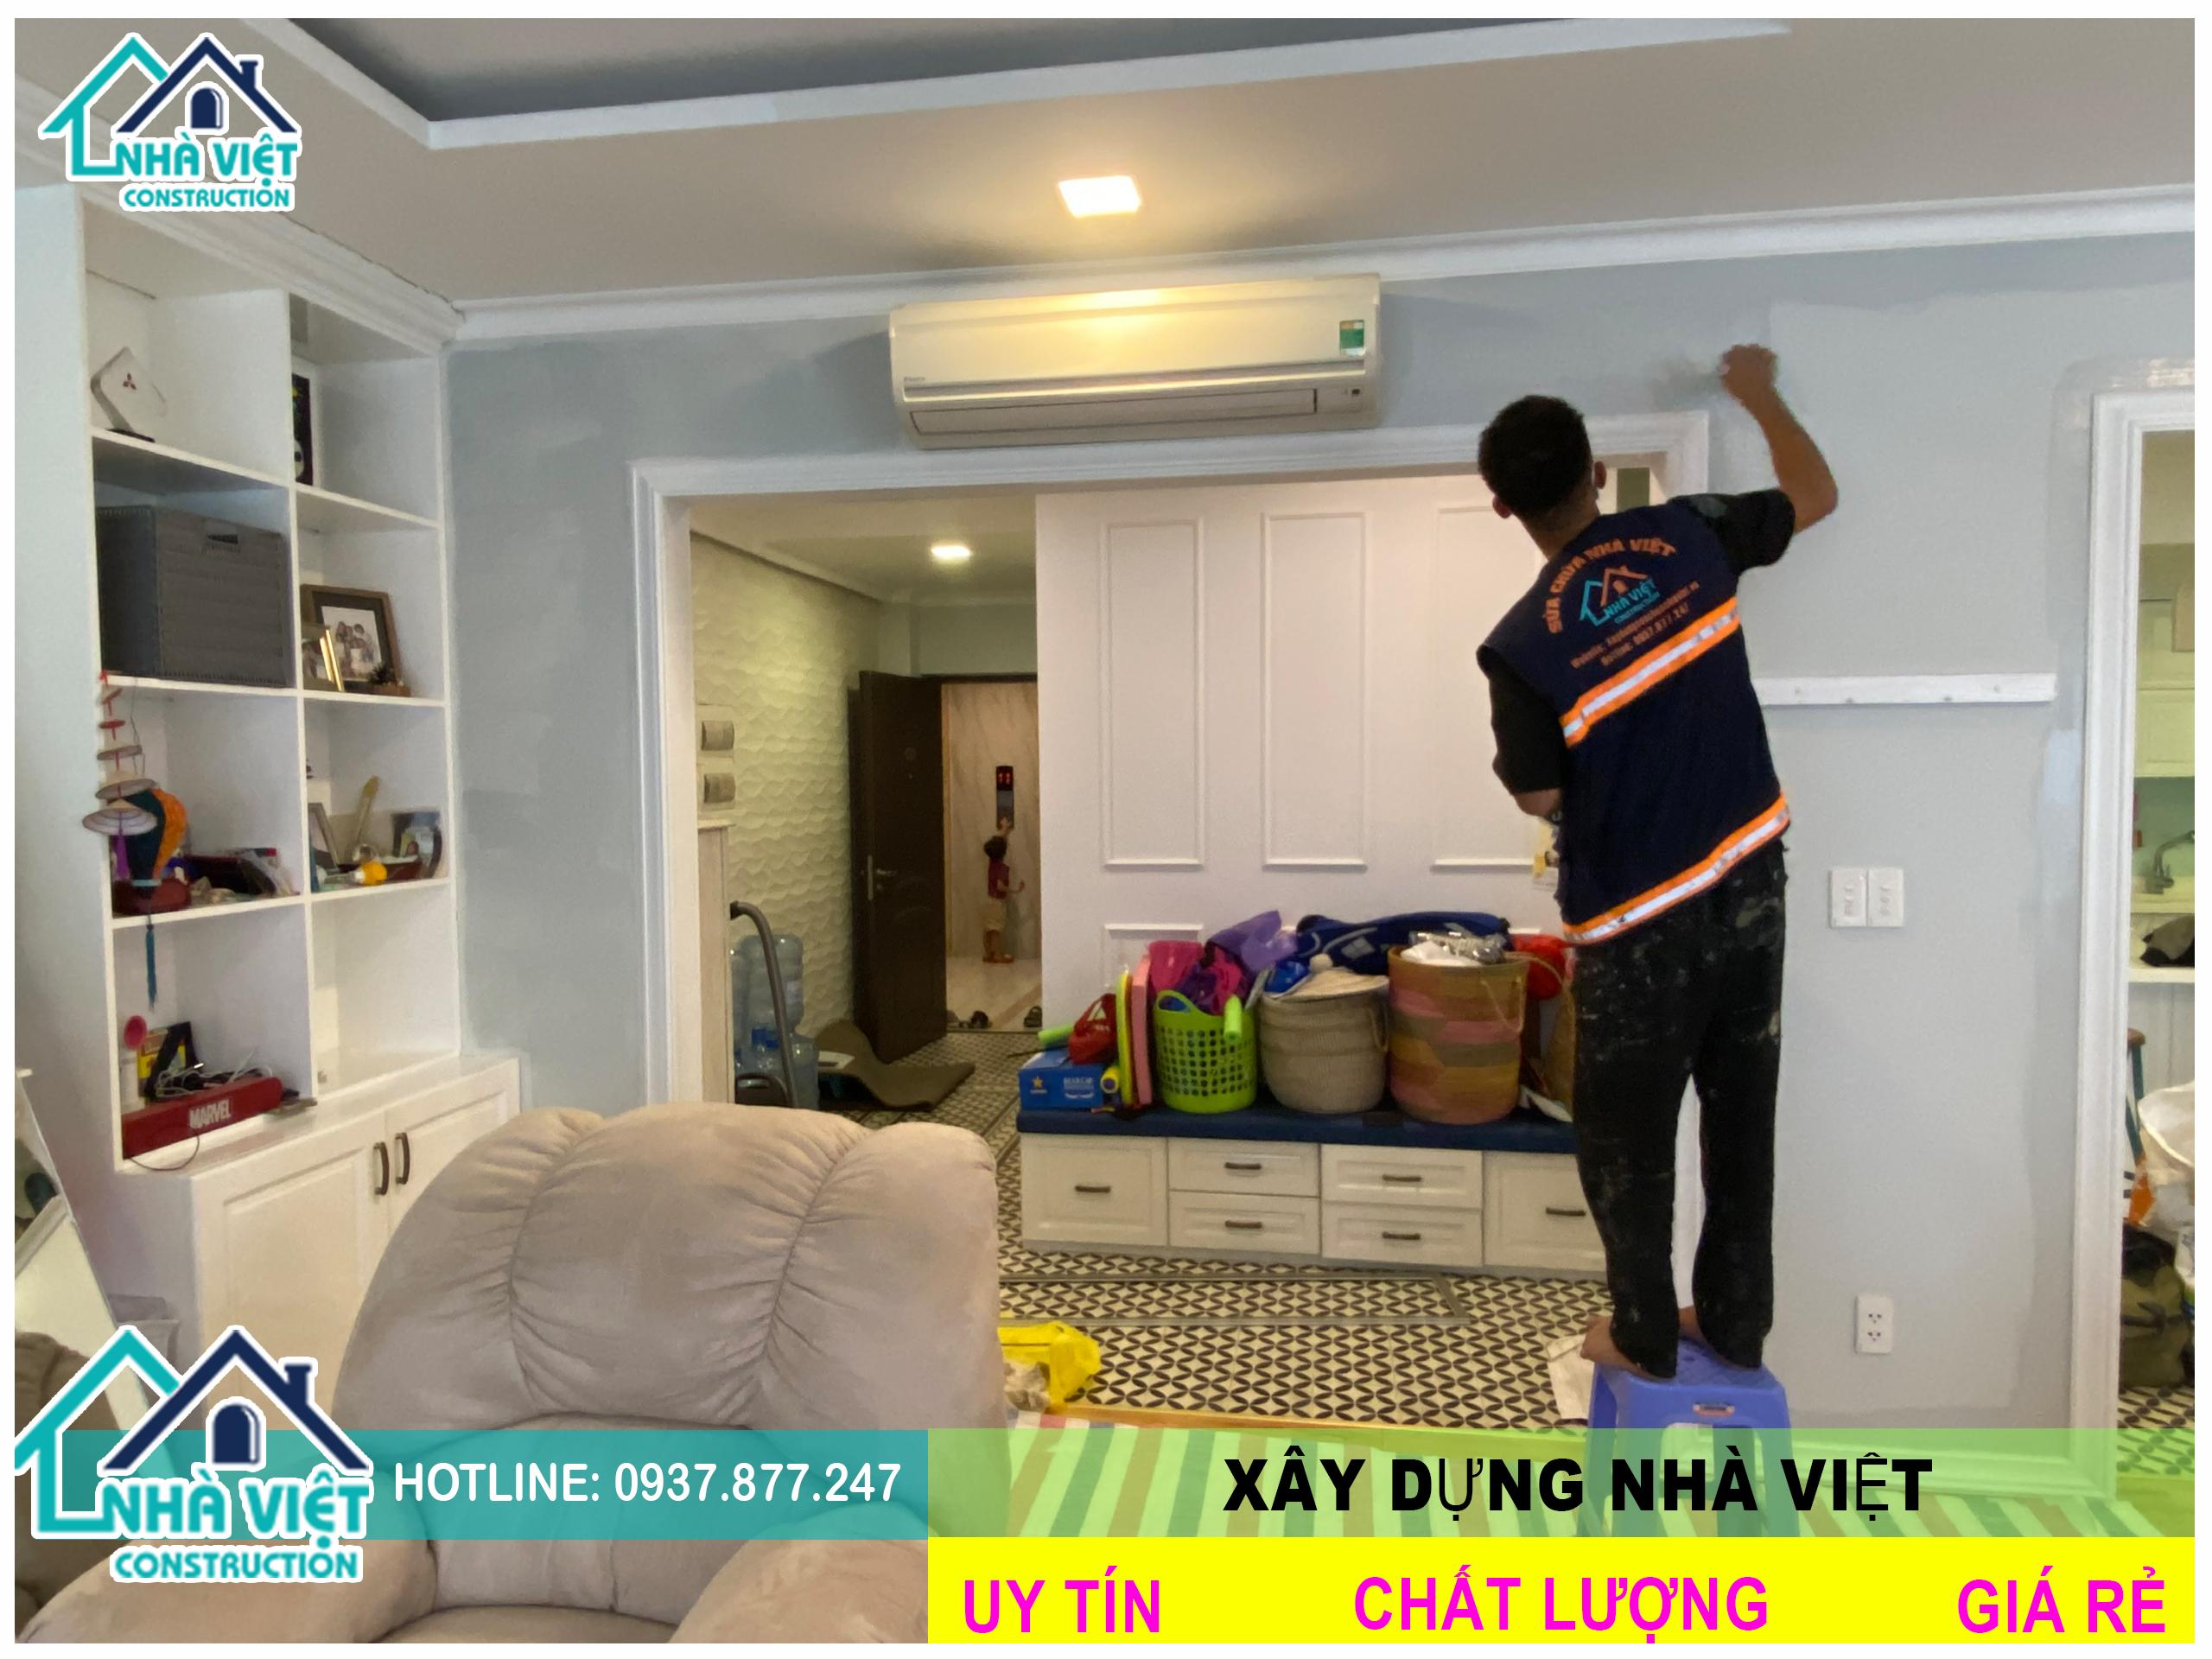 1111 - Sửa Chữa Nhà Phố Biệt Thự TP Hồ Chí Minh Uy tín chất lượng nhất